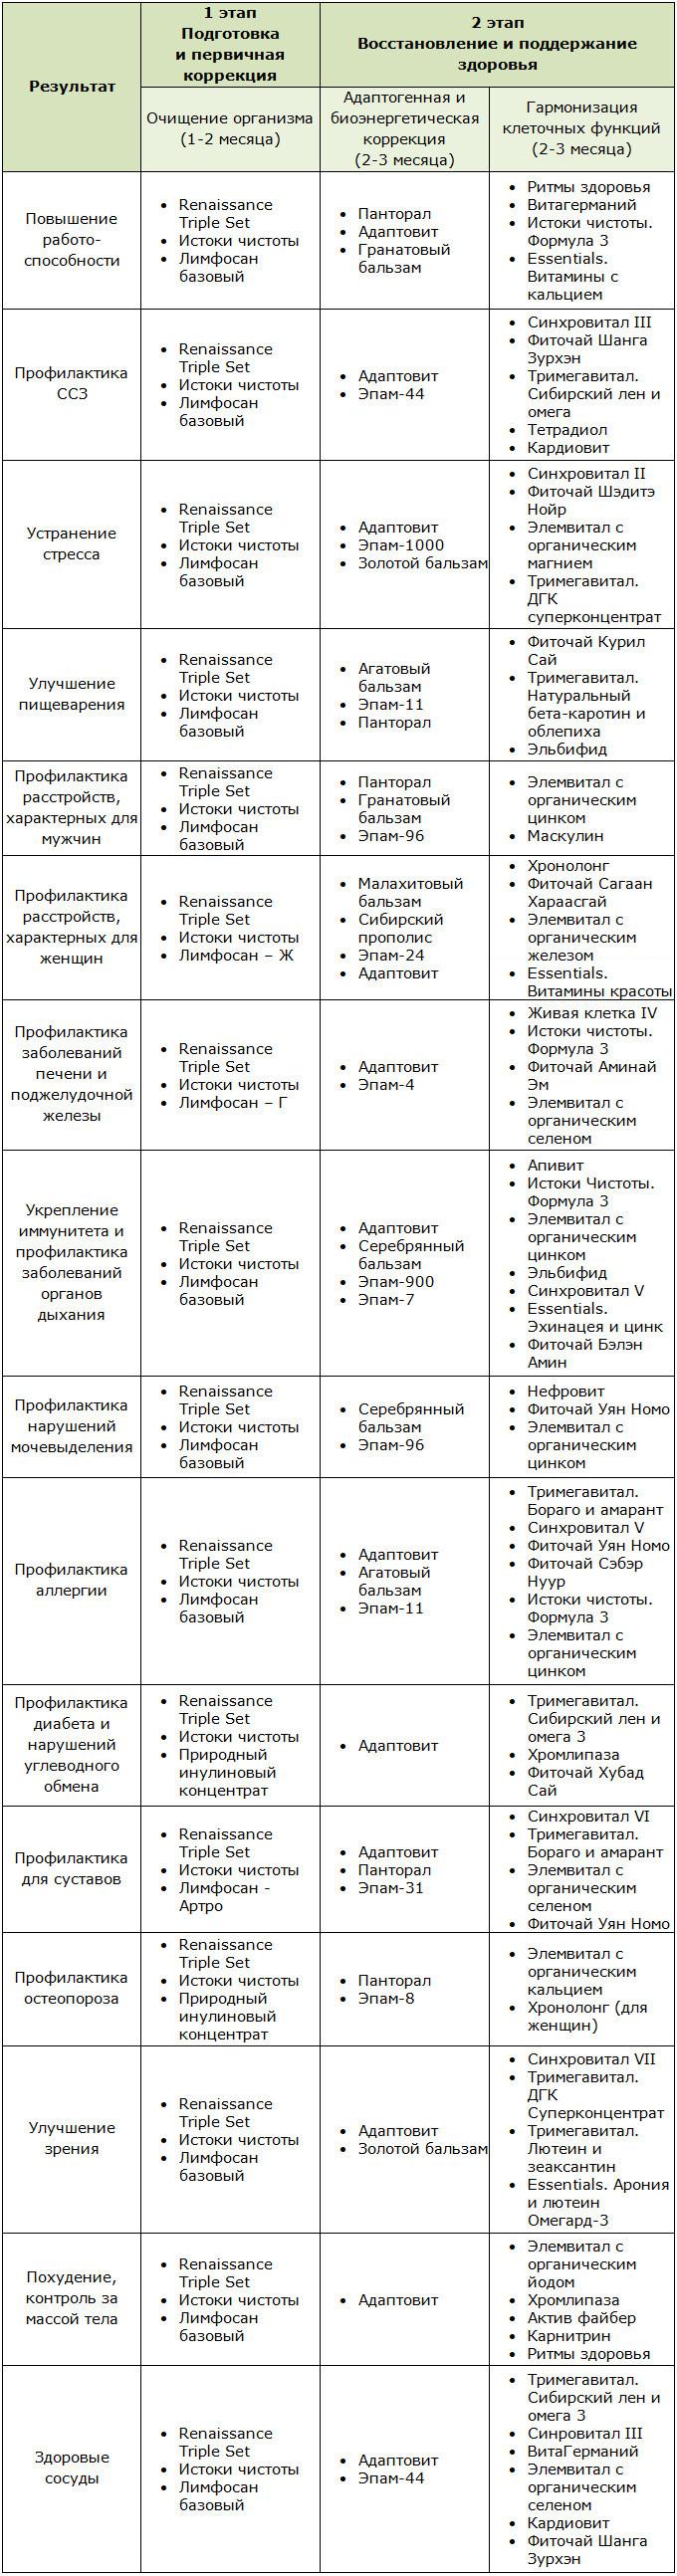 Программа общего оздоровления организма от компании Сибирское здоровье